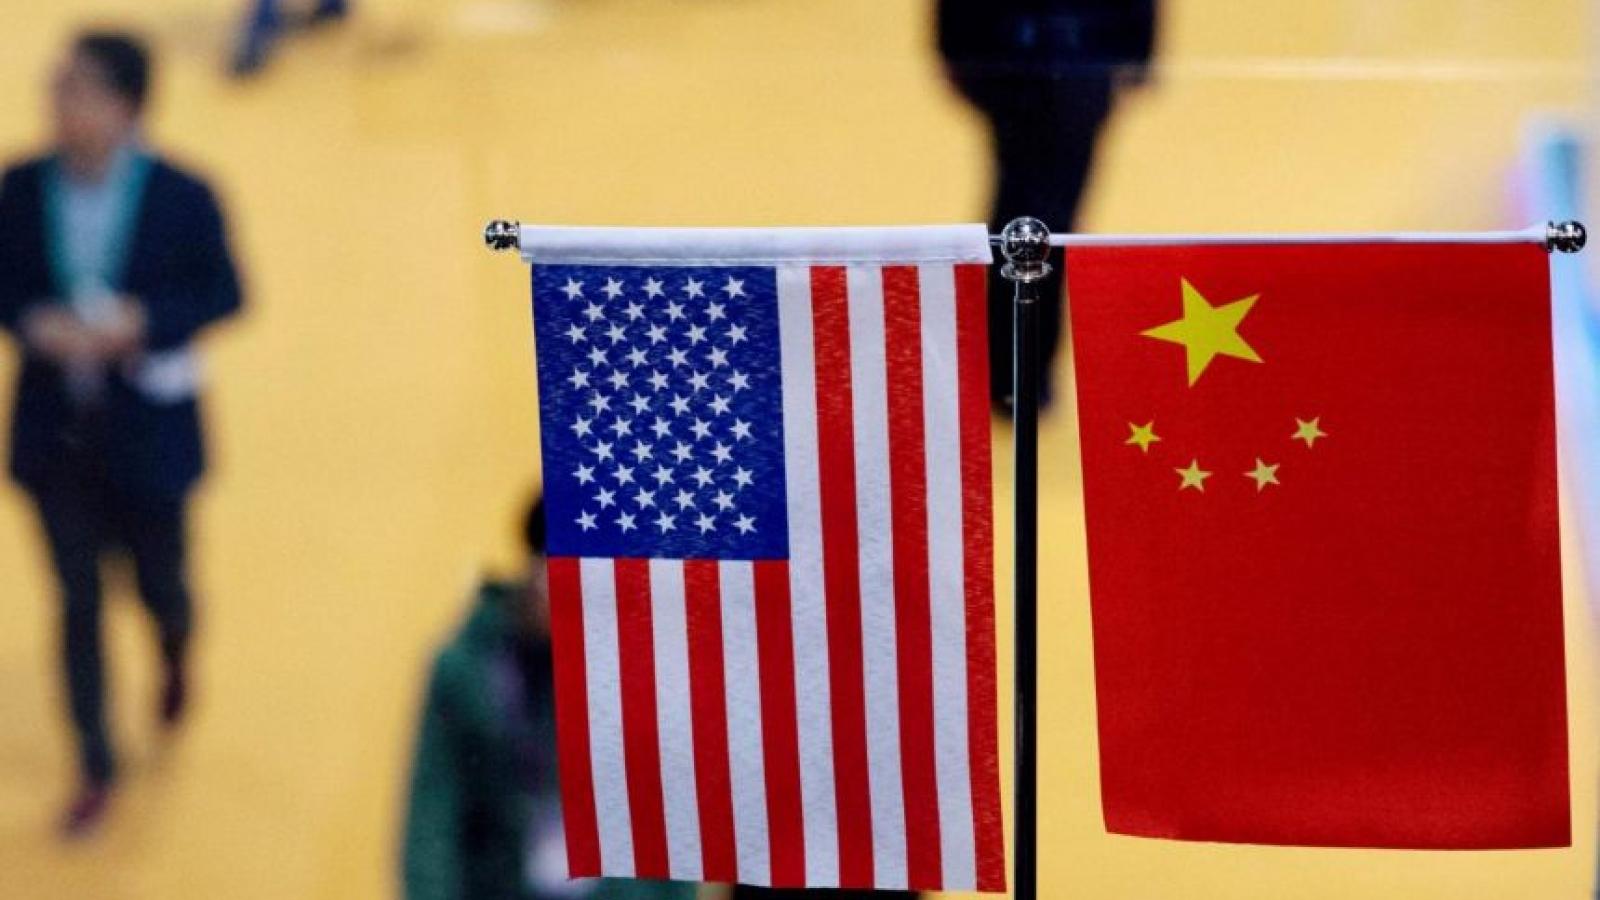 Mỹ xem xét lại thỏa thuận thương mại với Trung Quốc được ký dưới thời ông Trump